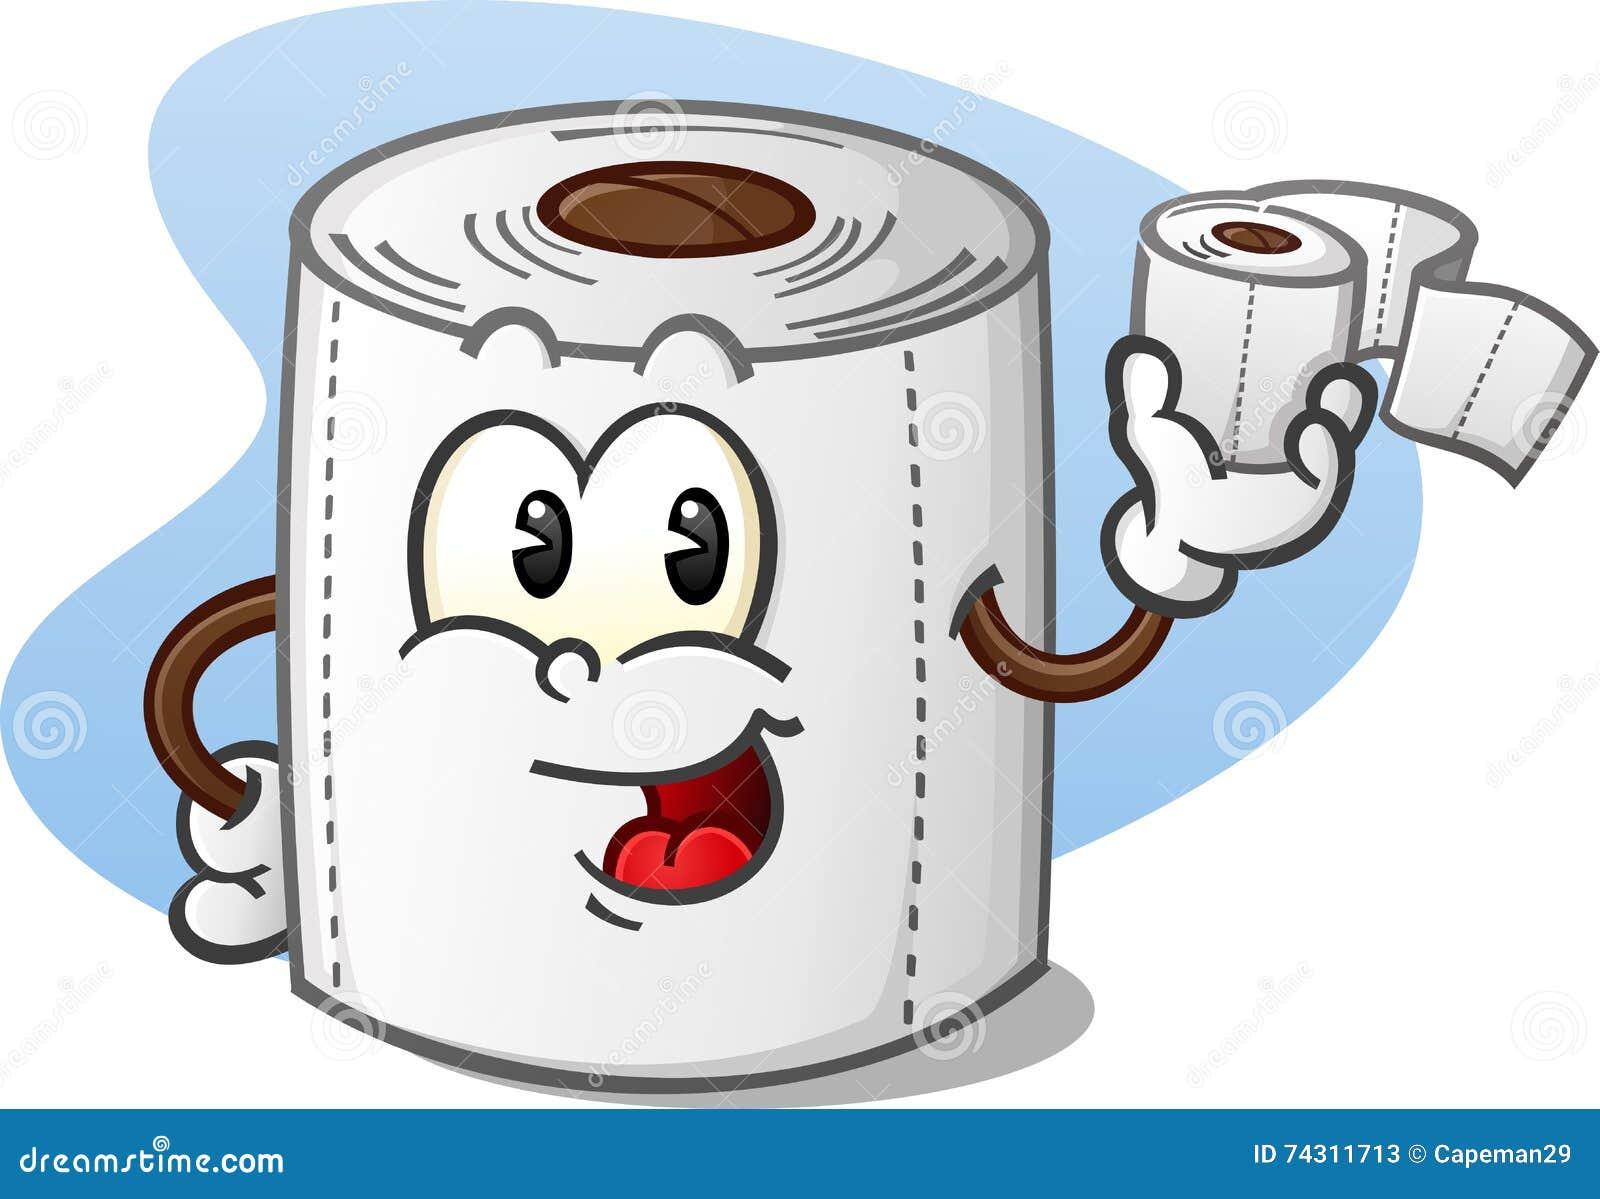 Personaje De Dibujos Animados Feliz Del Papel Higiénico Que Lleva A